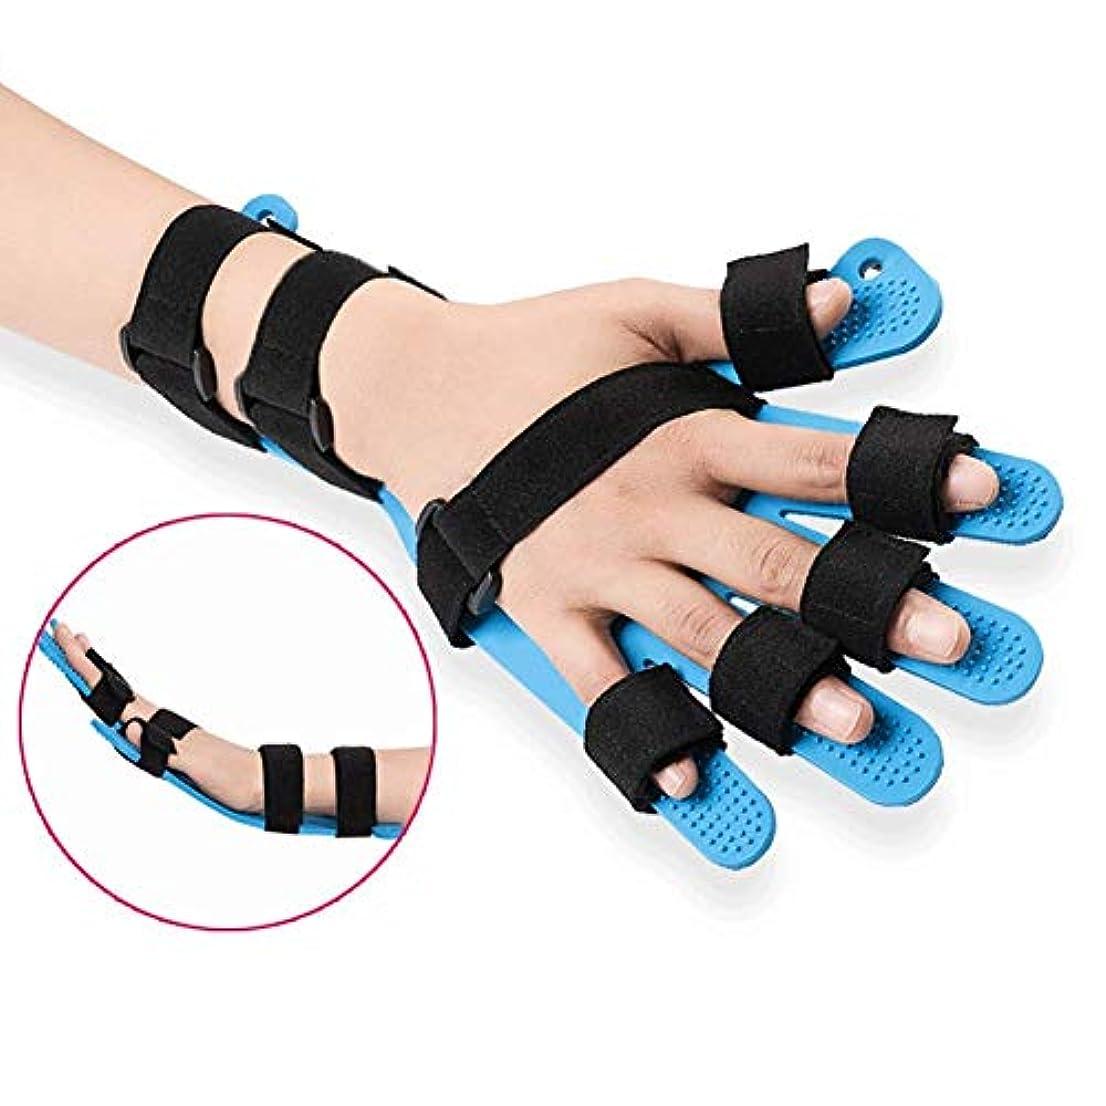 移動シーサイド算術スプリント指の指セパレーターHemiplegiaStroke手指インソールポイント指スプリントトレーニングトリガーの手の手首の装具別のデバイスを指